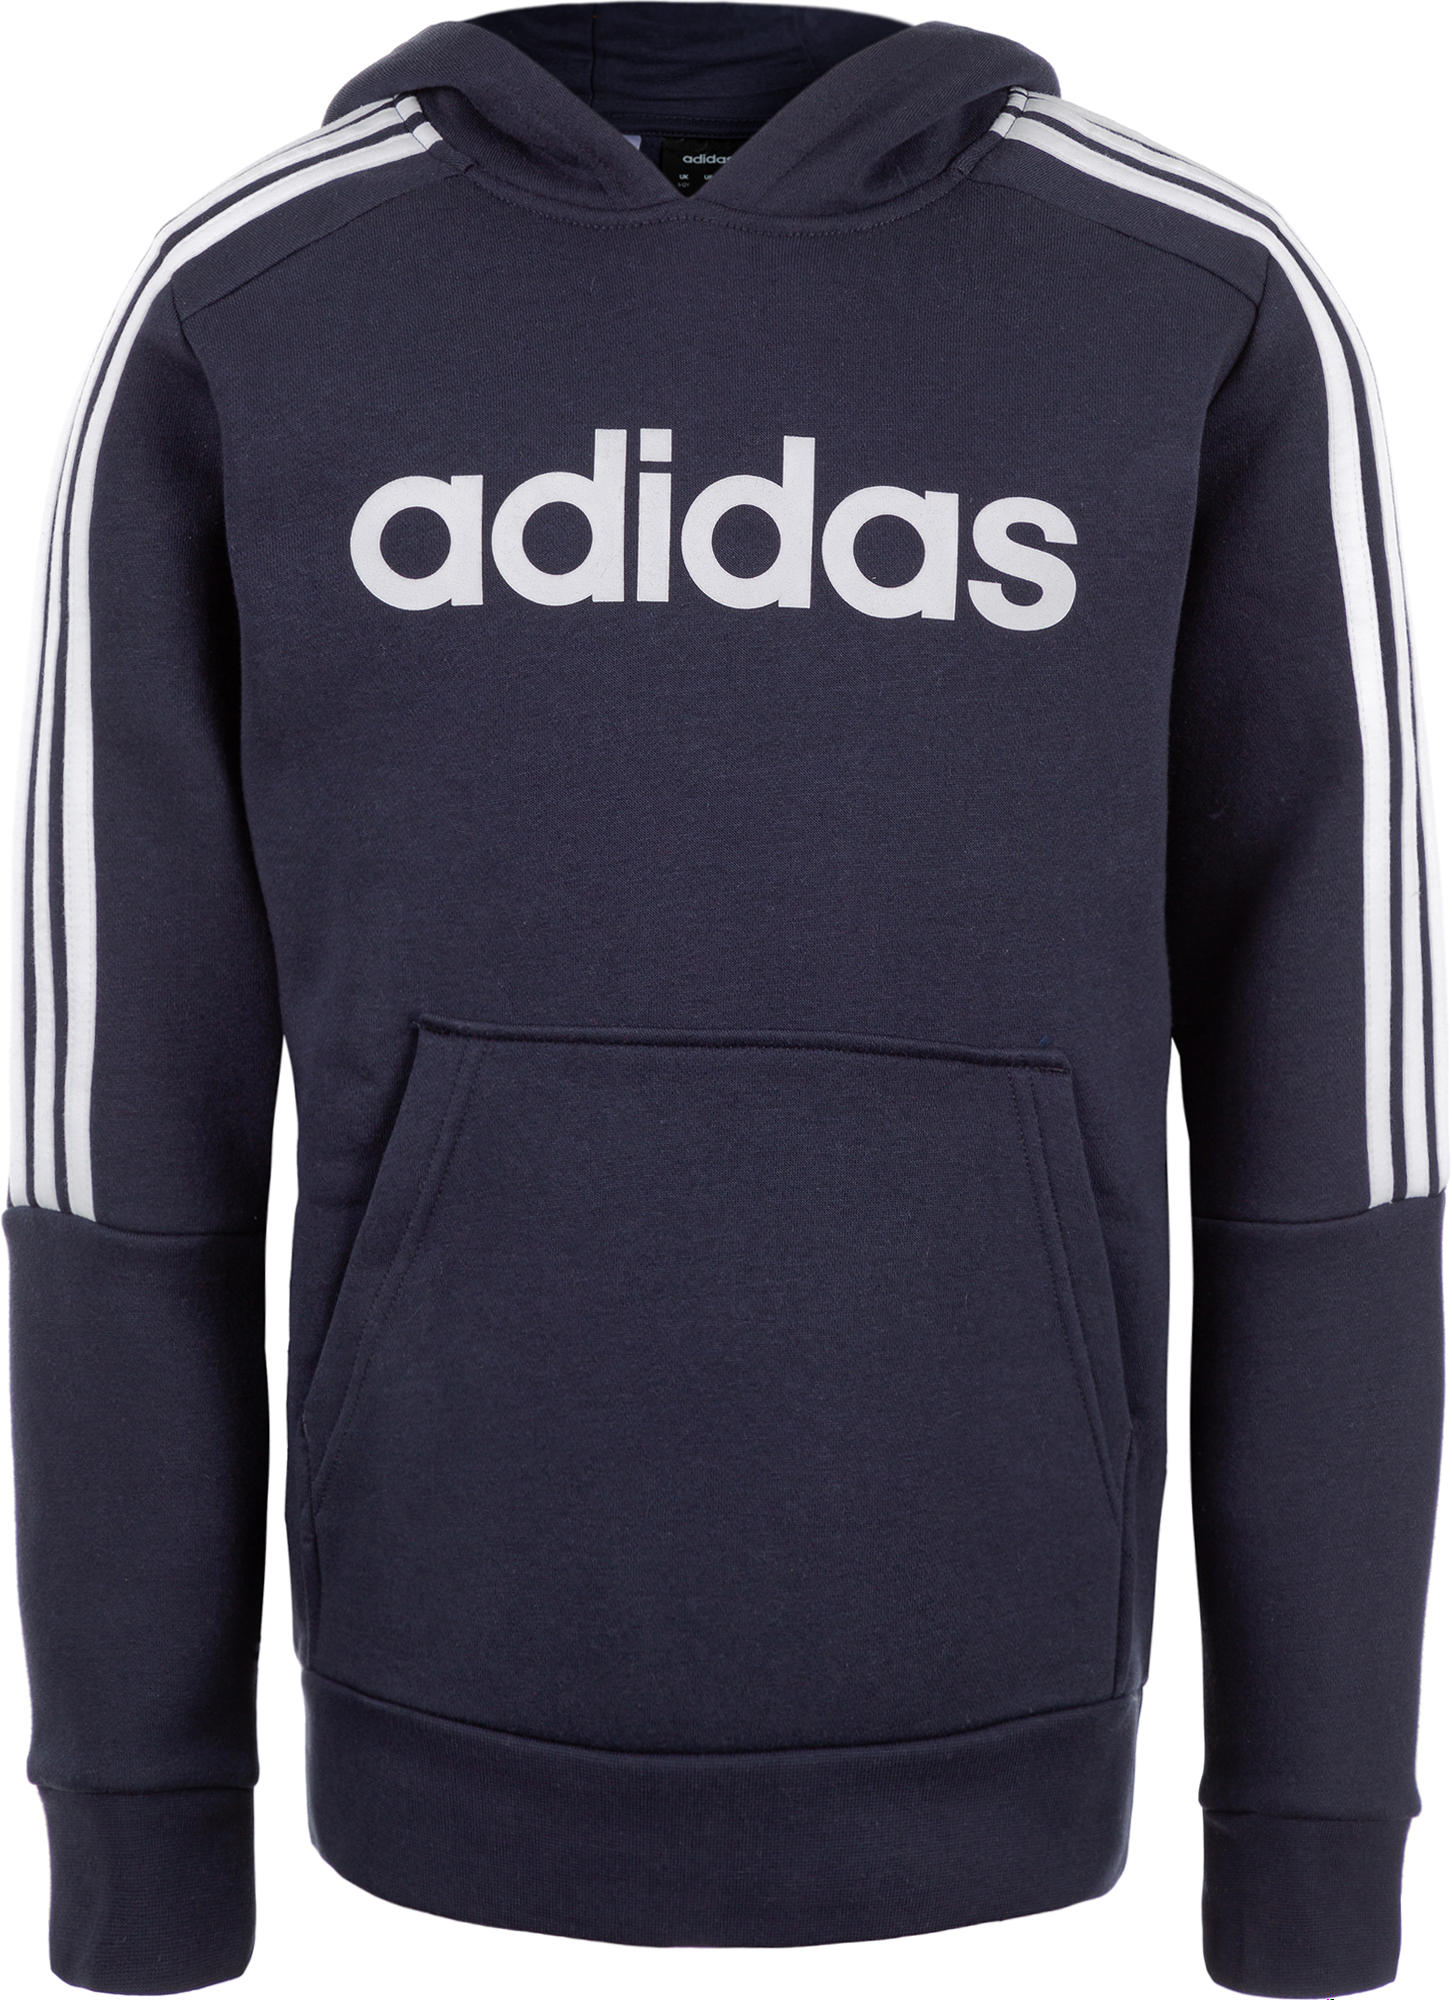 Adidas Худи для мальчиков Adidas 3-Stripes, размер 152